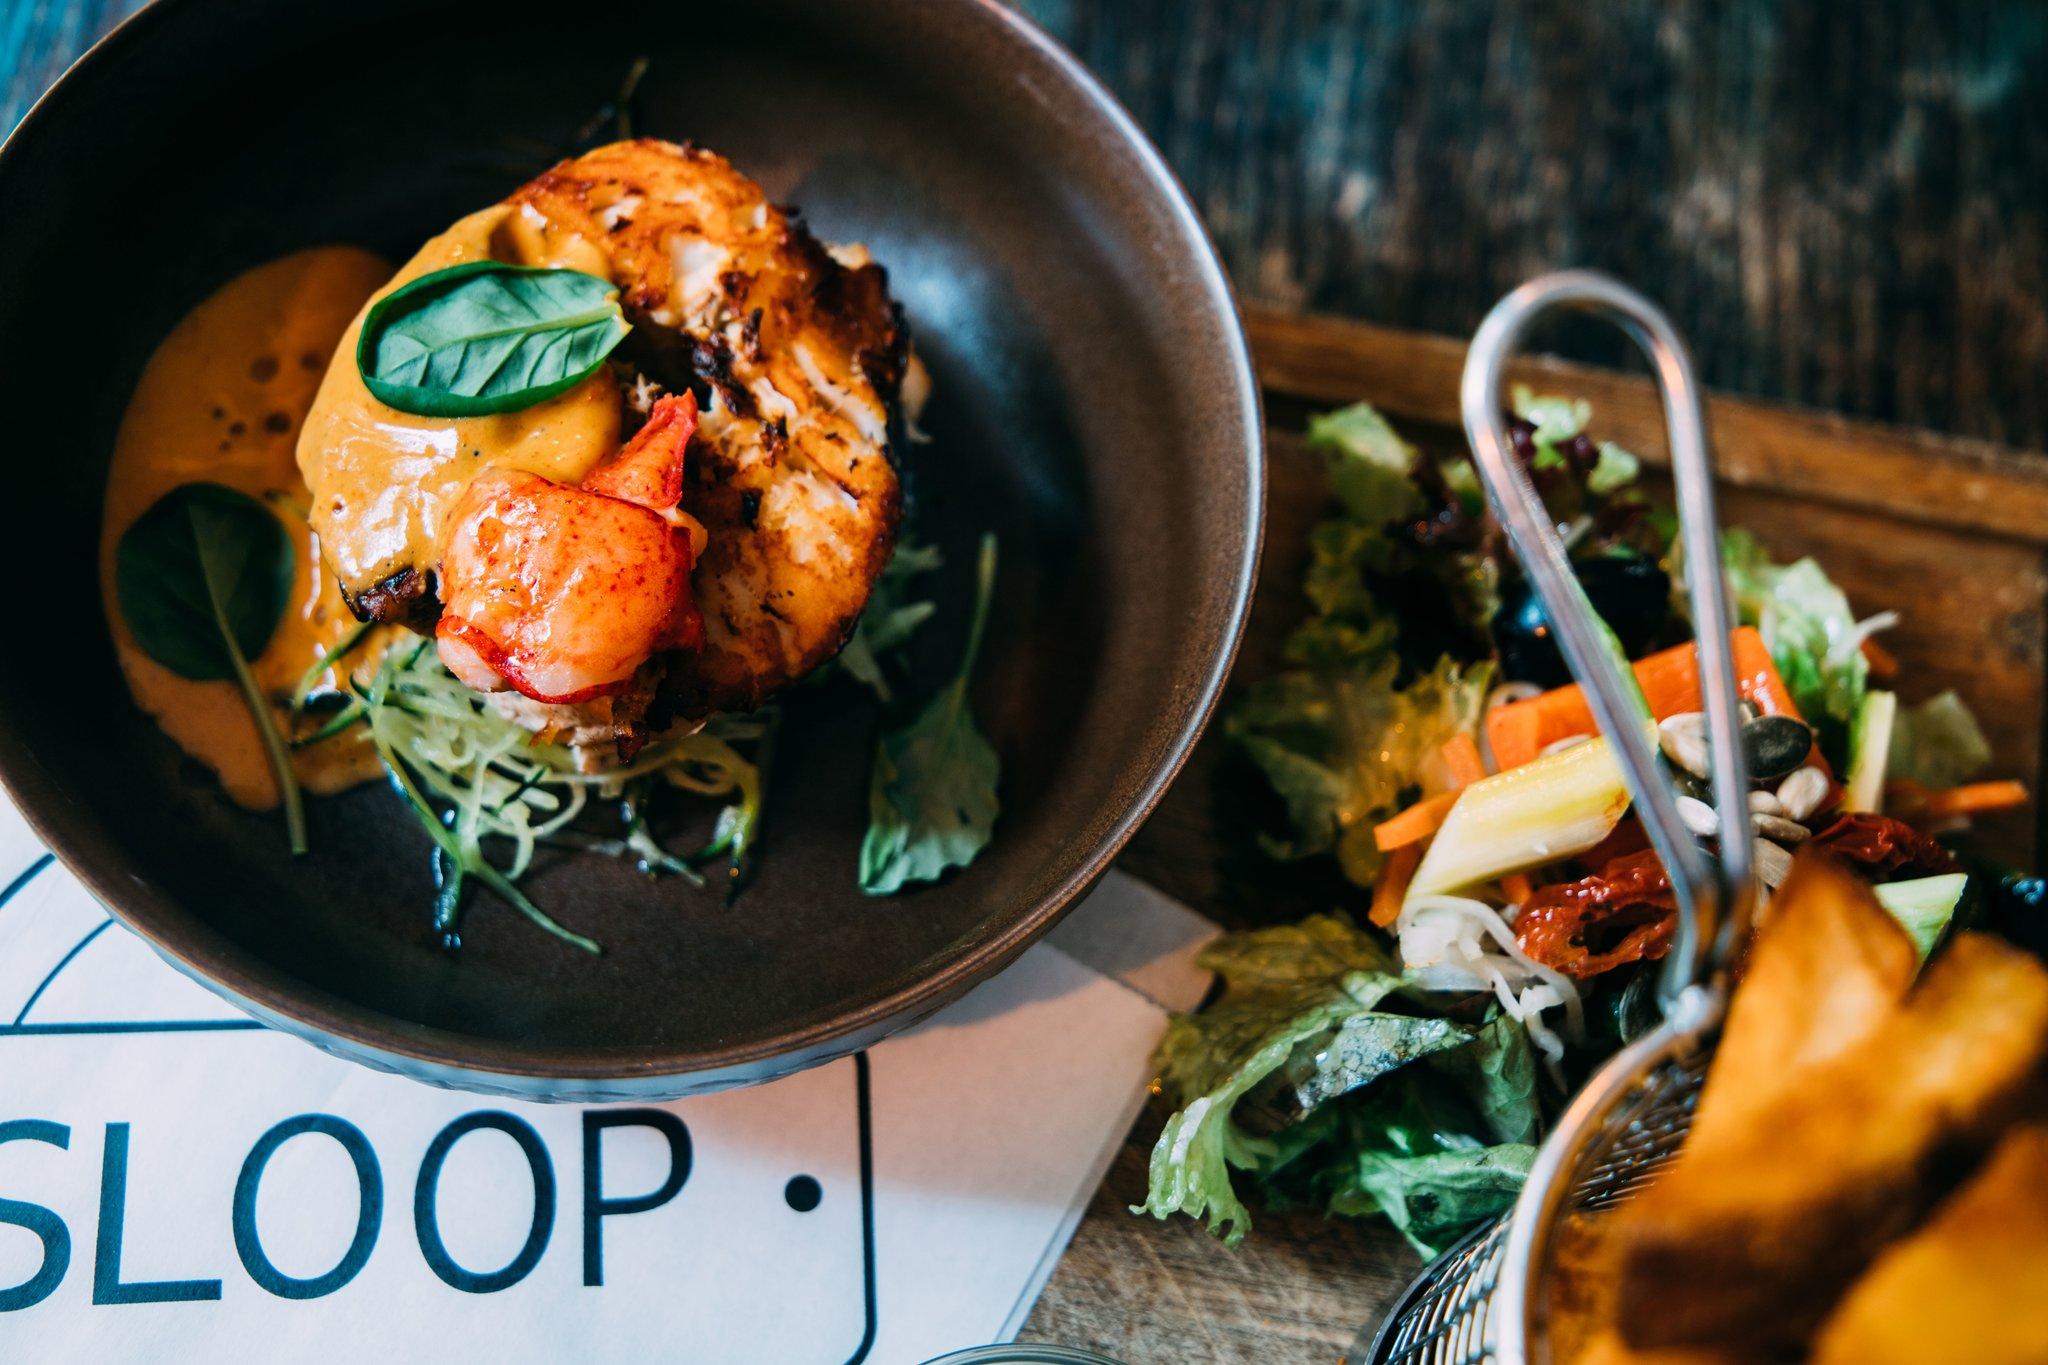 SLOOP Wine&Dine